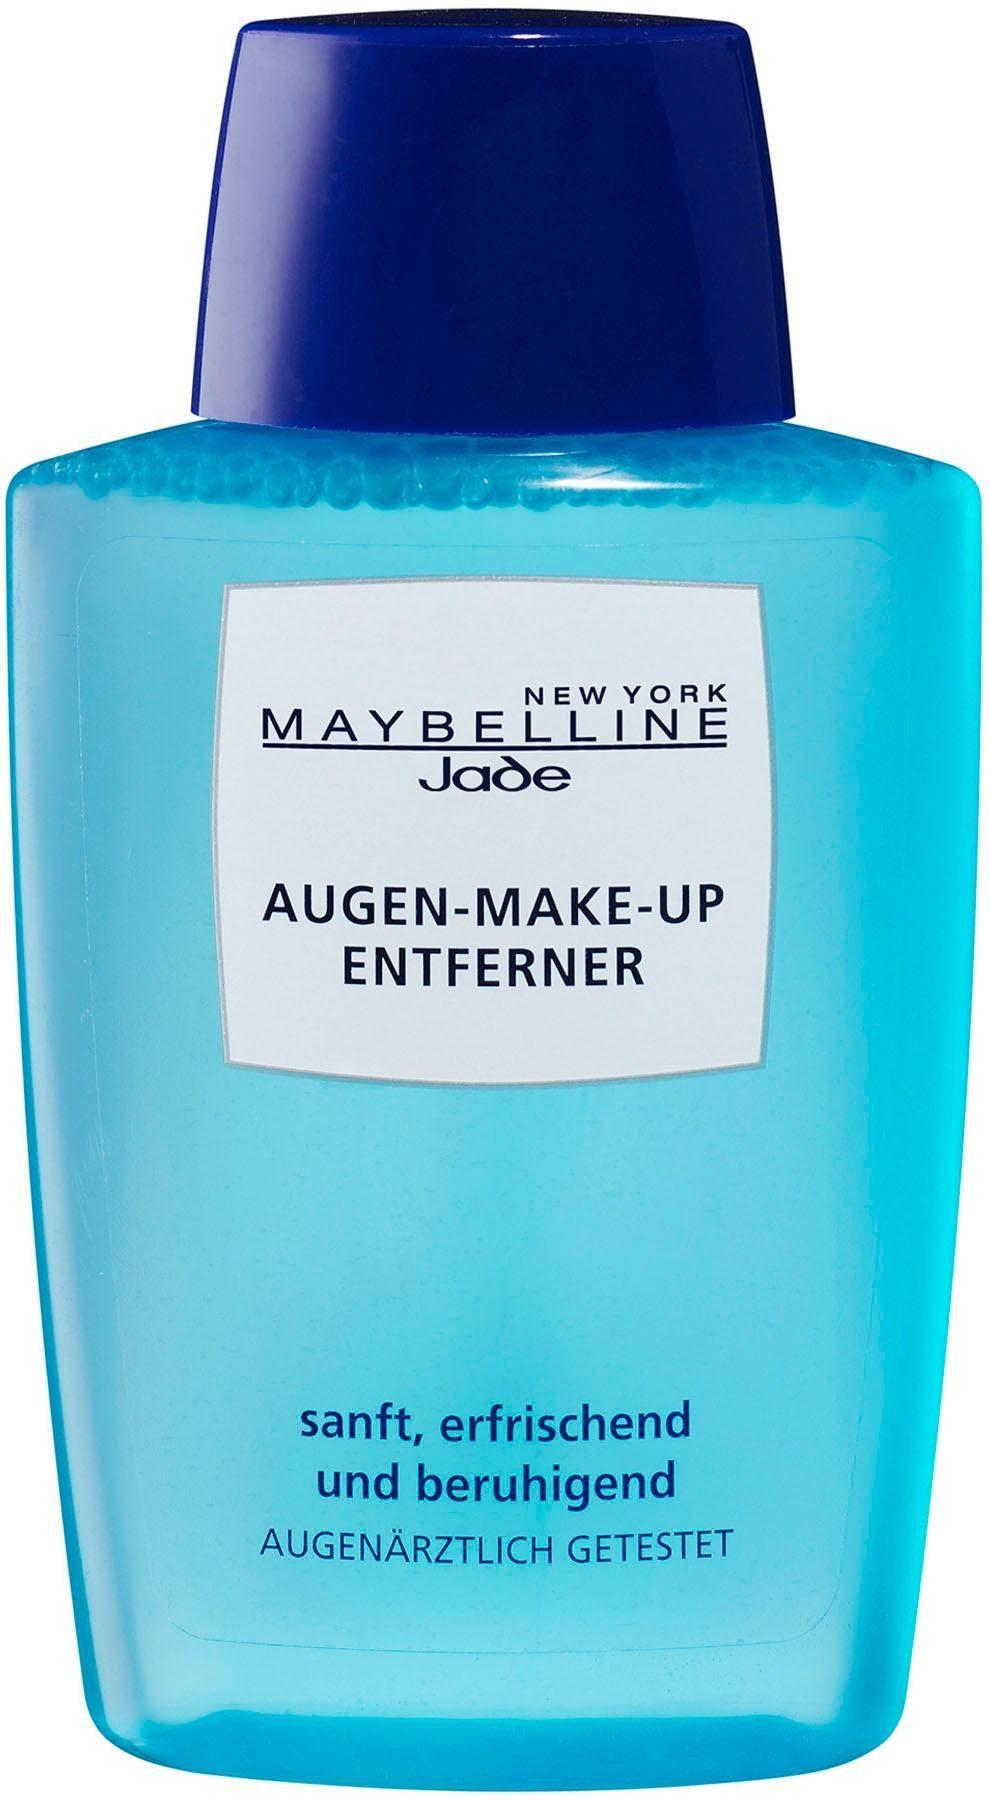 Maybelline New York, »Augen-Make-Up Entferner «, Augen-Make-Up-Entferner